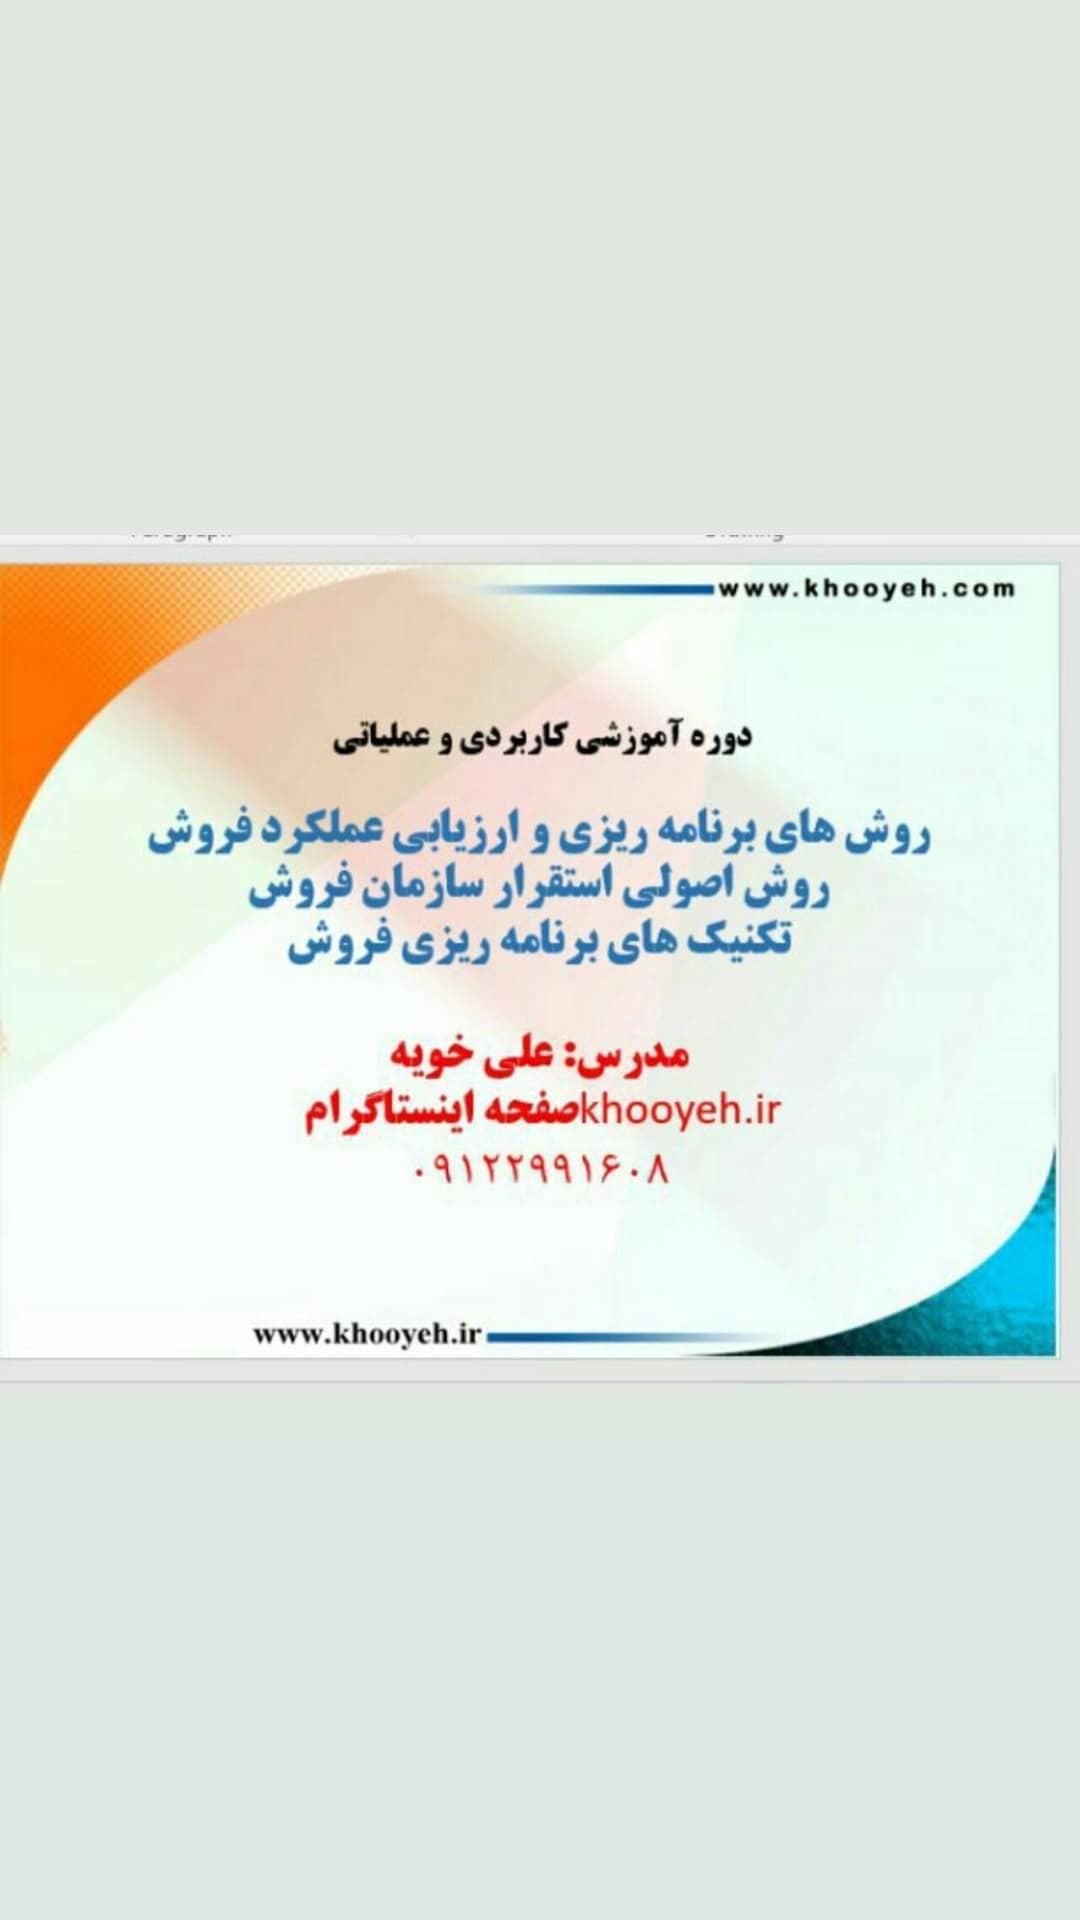 علی خویه مشاور مربی کوچ ومنتور کسب و کار مدیریت فروش بازاریابی برند khooyeh.ir